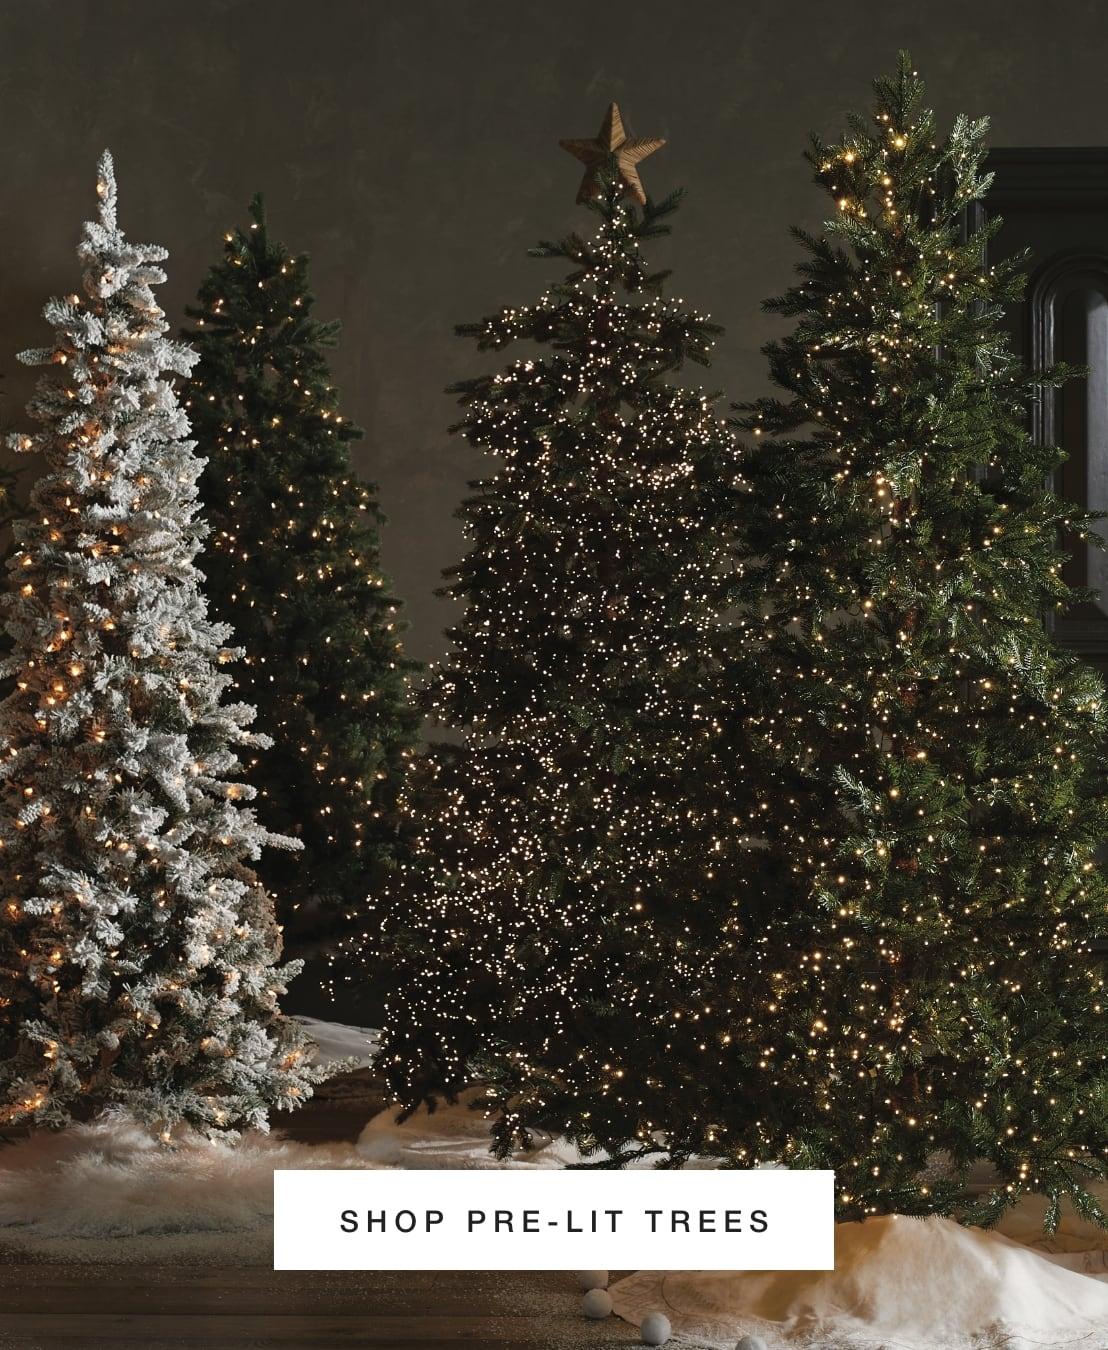 Shop Pre-Lit Trees